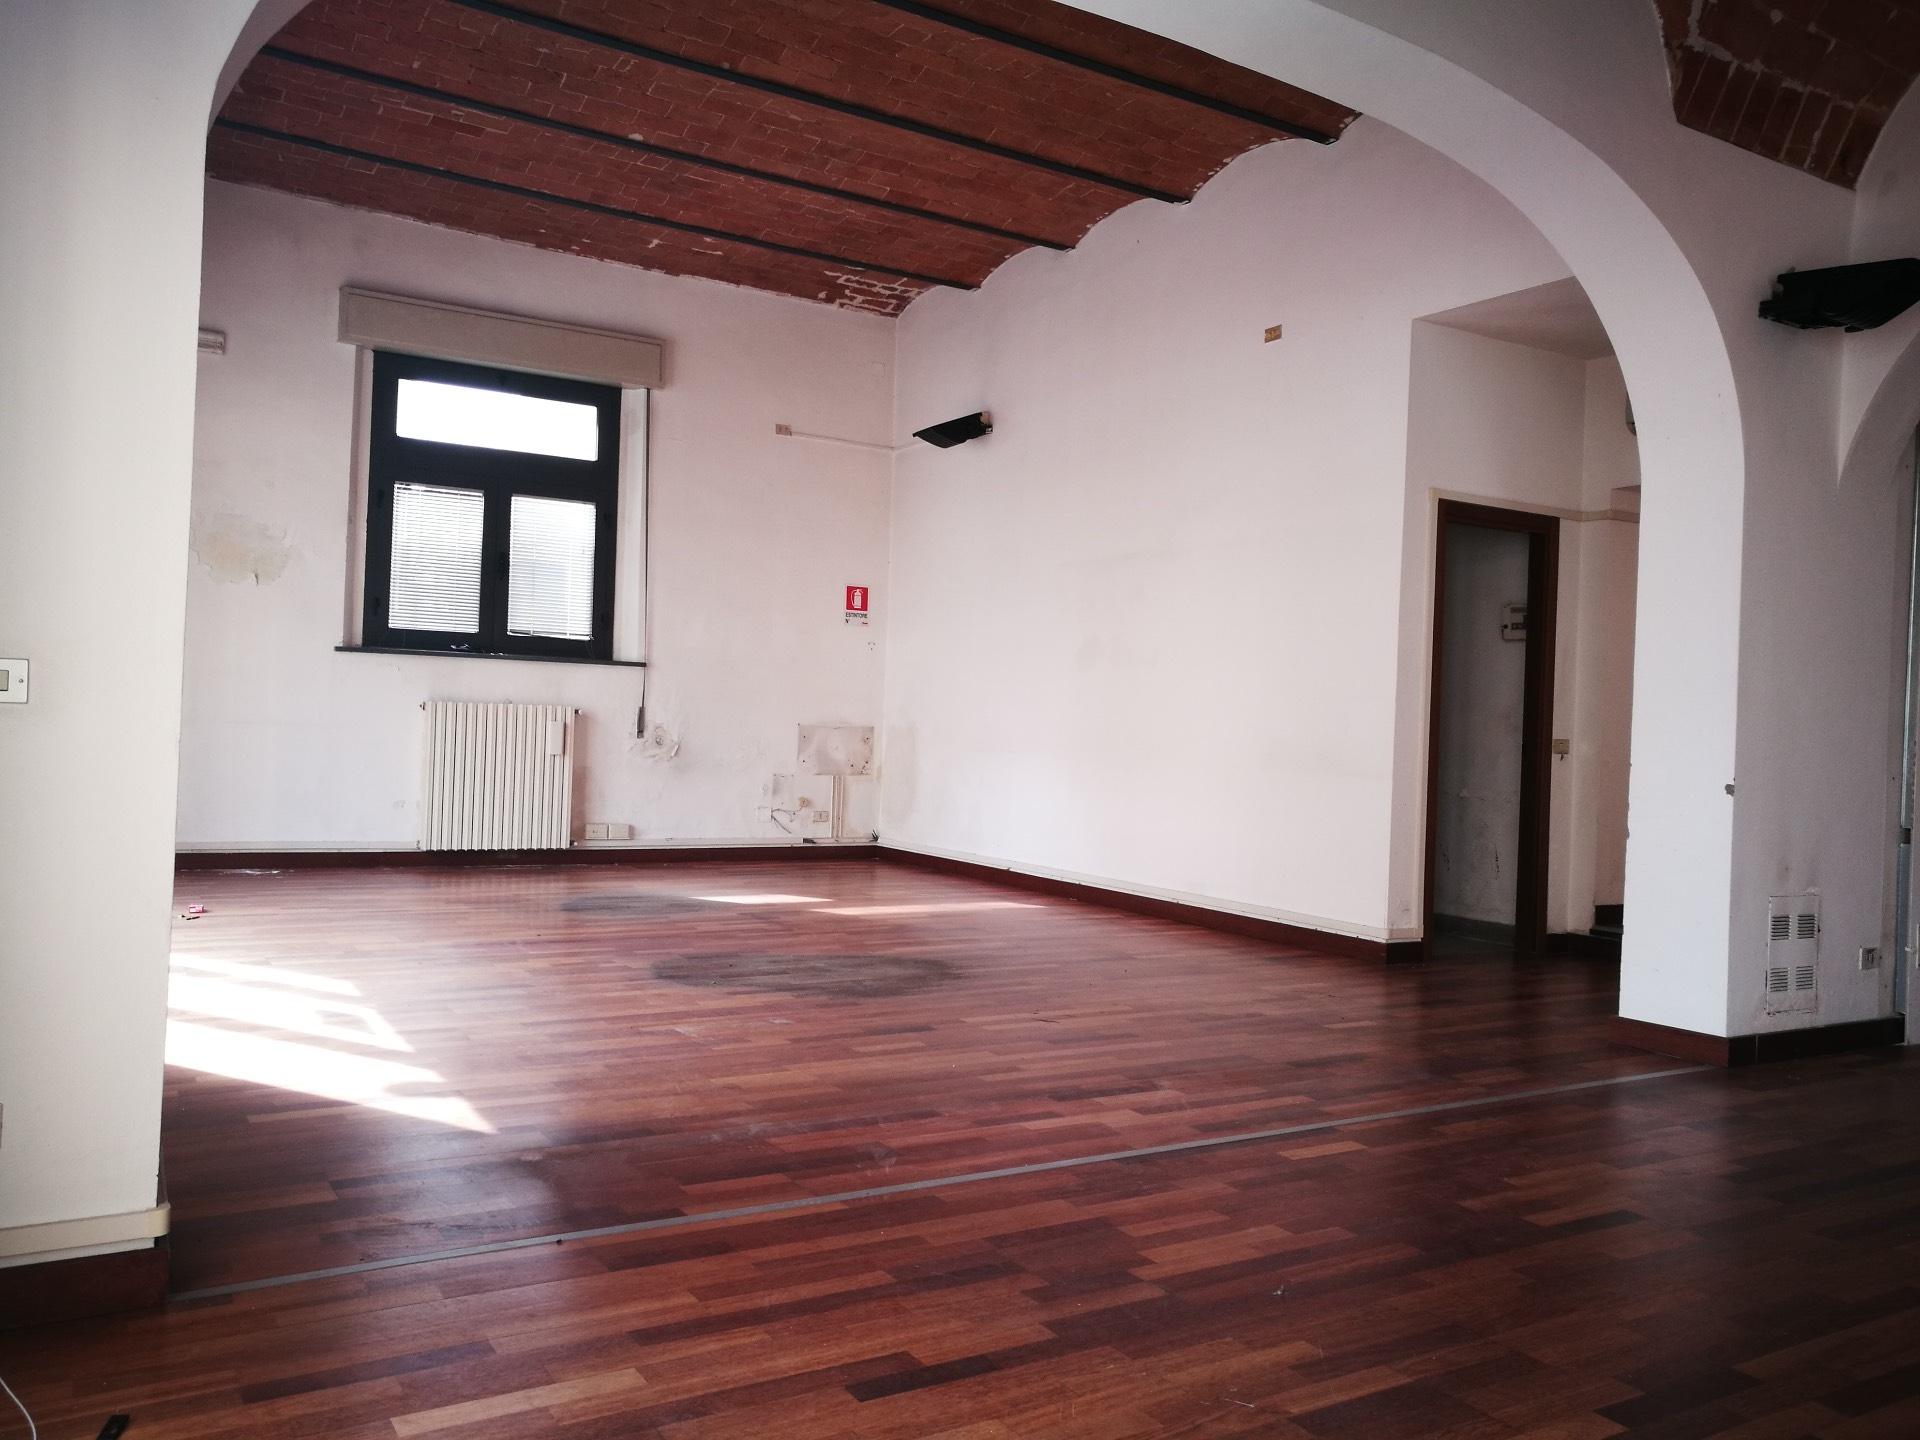 Negozio / Locale in affitto a Pontedera, 9999 locali, zona Località: Centro, prezzo € 1.500 | CambioCasa.it